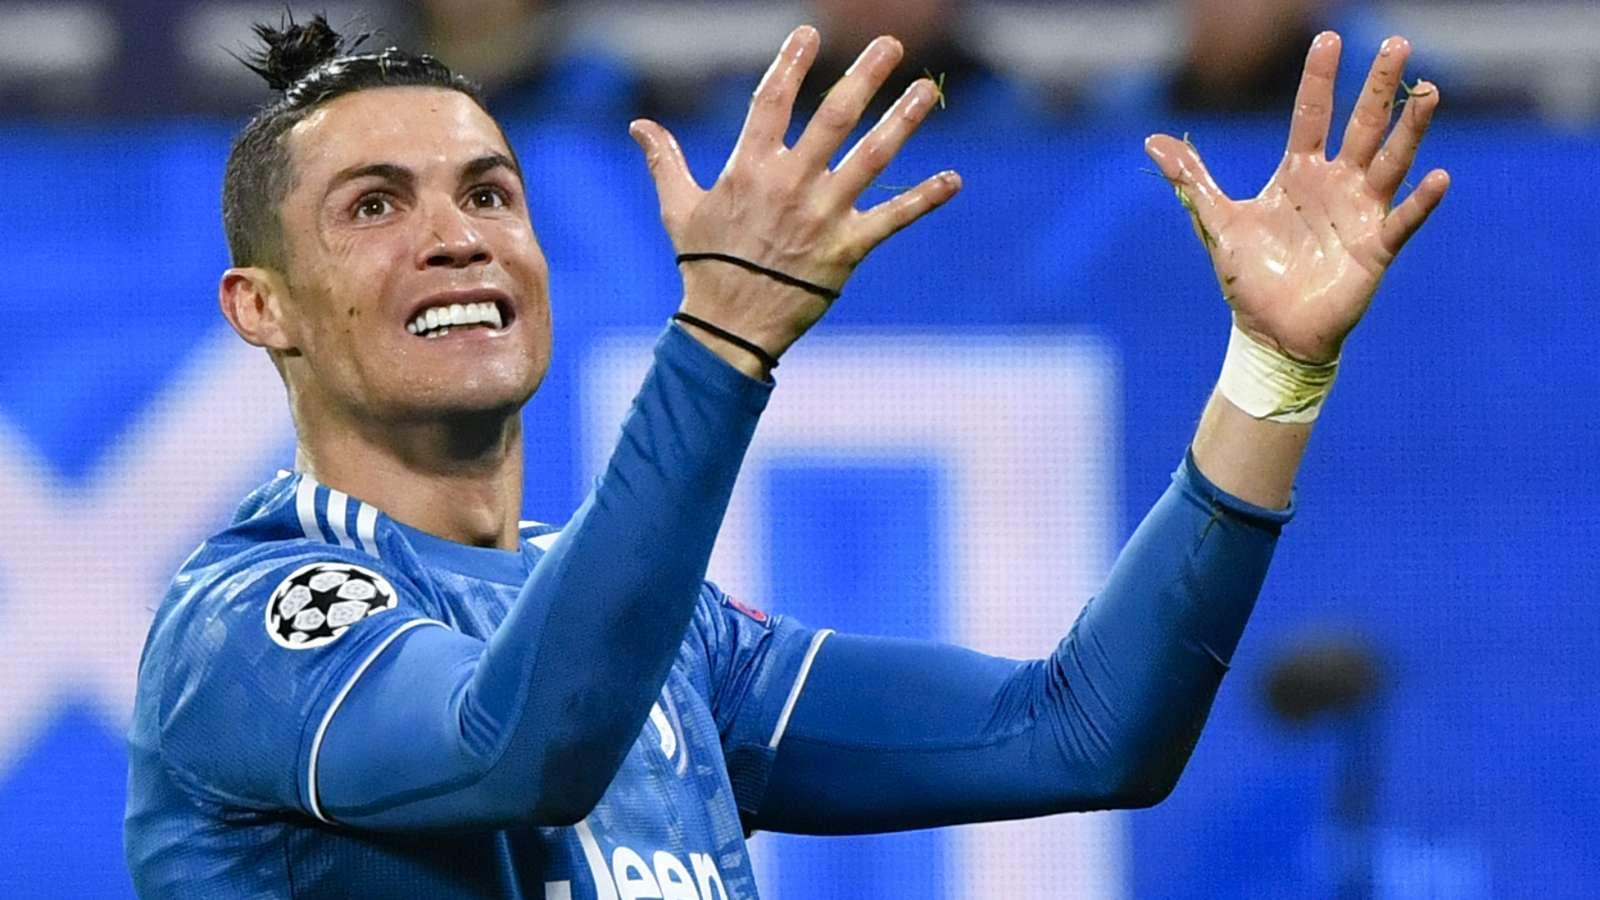 Ronaldo dạy con rửa tay, cùng Messi cổ vũ phong trào ở trong nhà ngày COVID-19